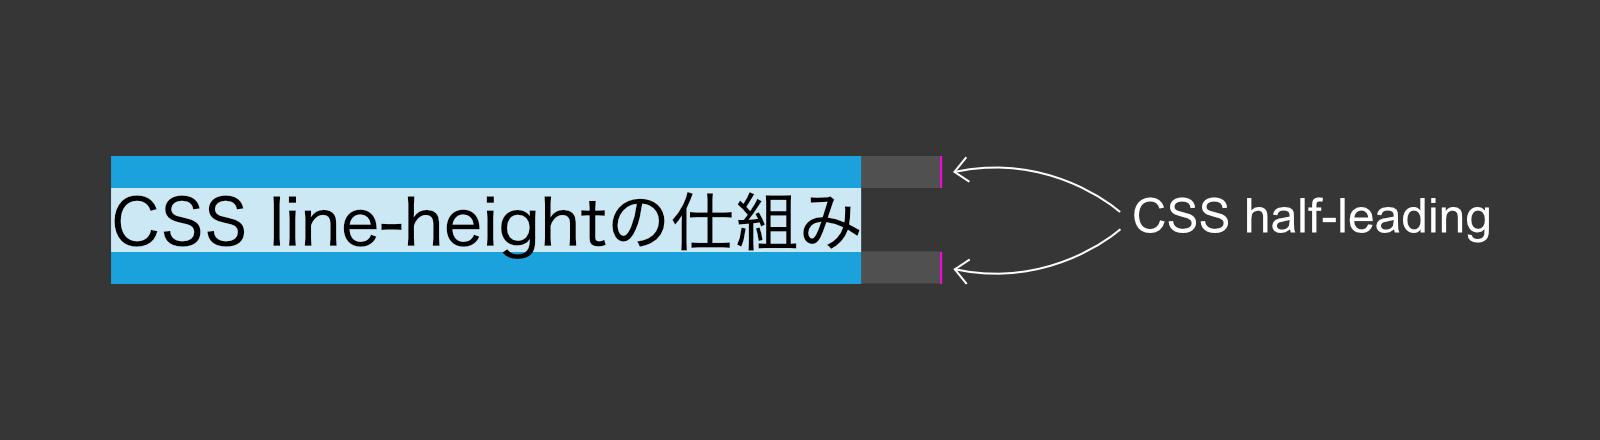 CSS half-leadingを表した図